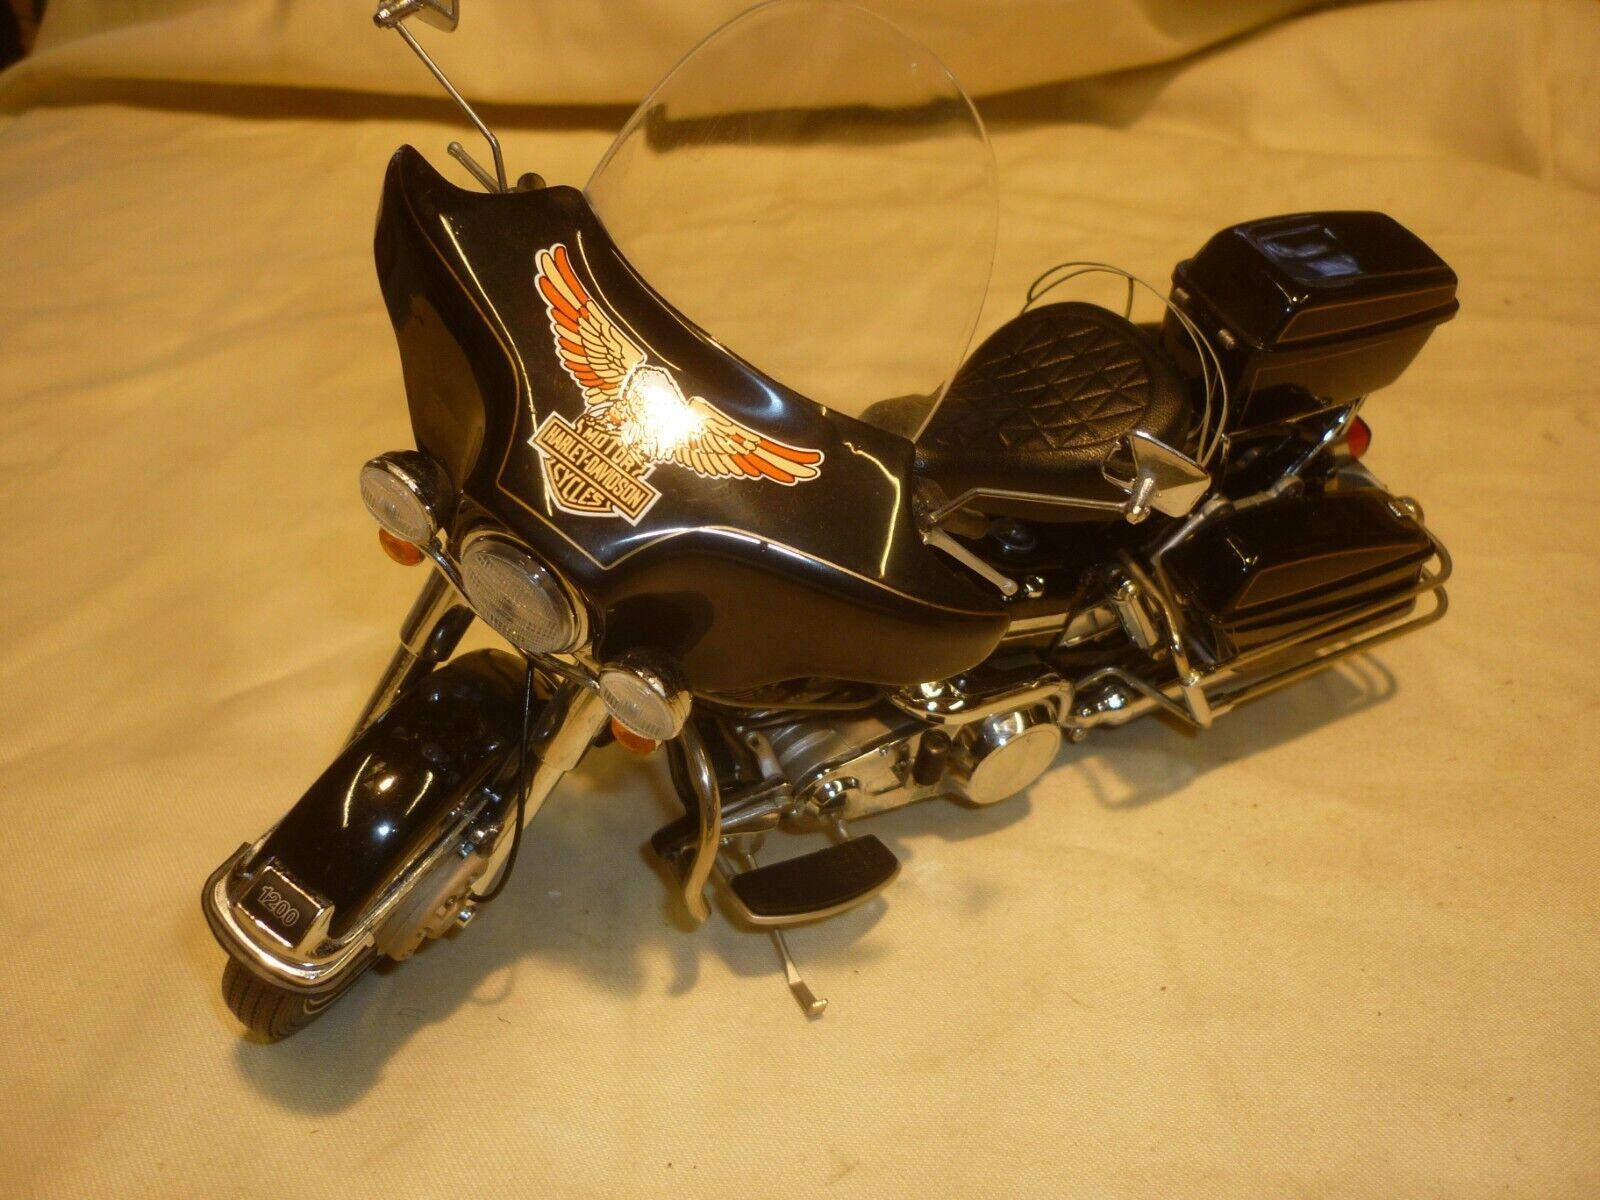 A Franklin  mint of a scale model of a Harley Davidson Electra glide,  livraison et retours gratuits